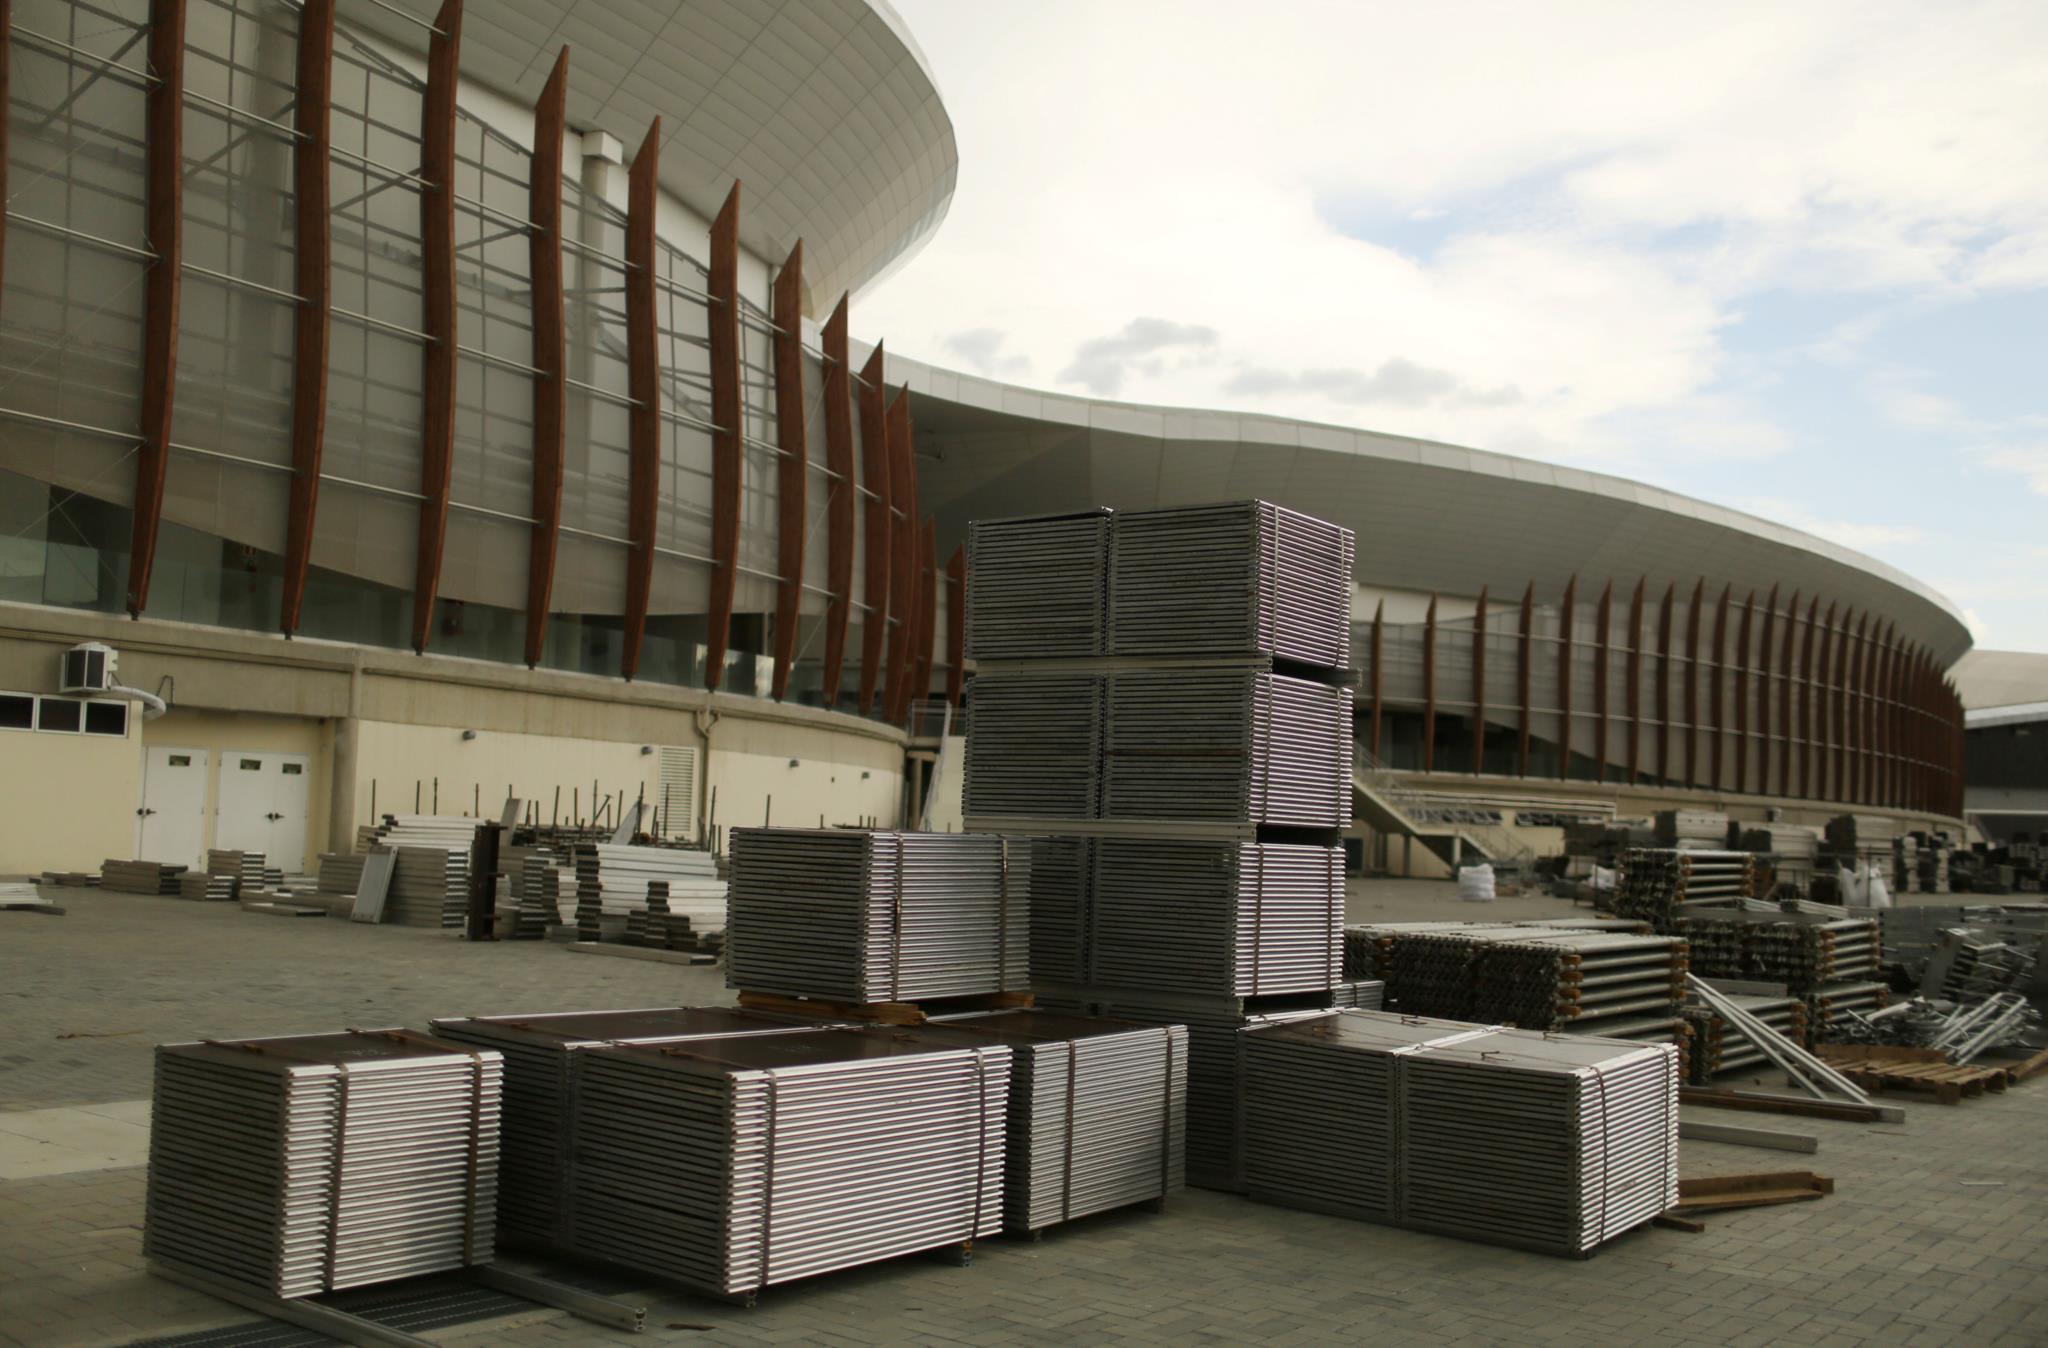 Arena carioca, onde se realizaram, por exemplo, jogos de basquetebol